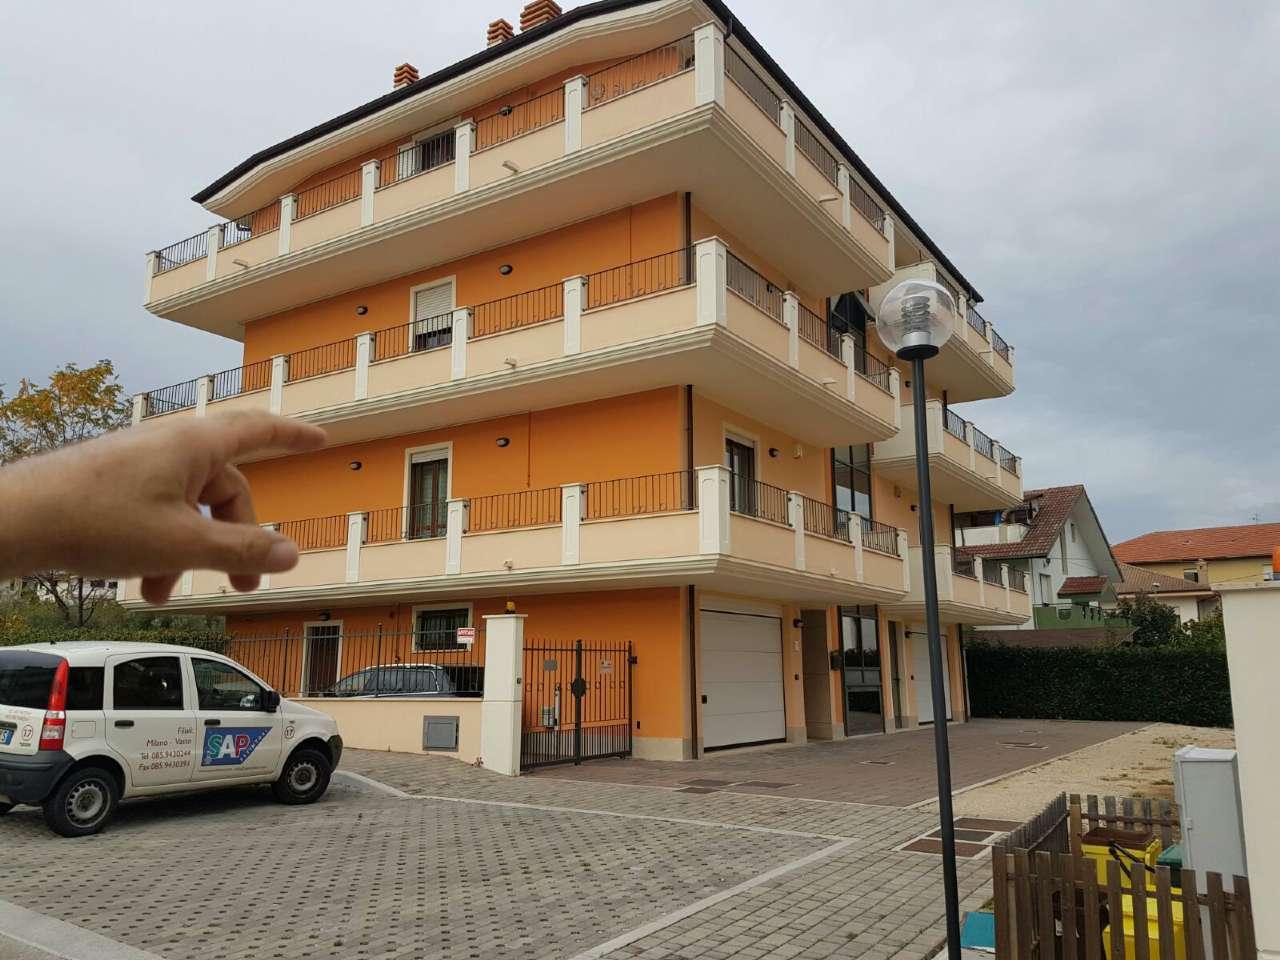 Appartamento in vendita a Cepagatti, 3 locali, prezzo € 125.000   Cambio Casa.it